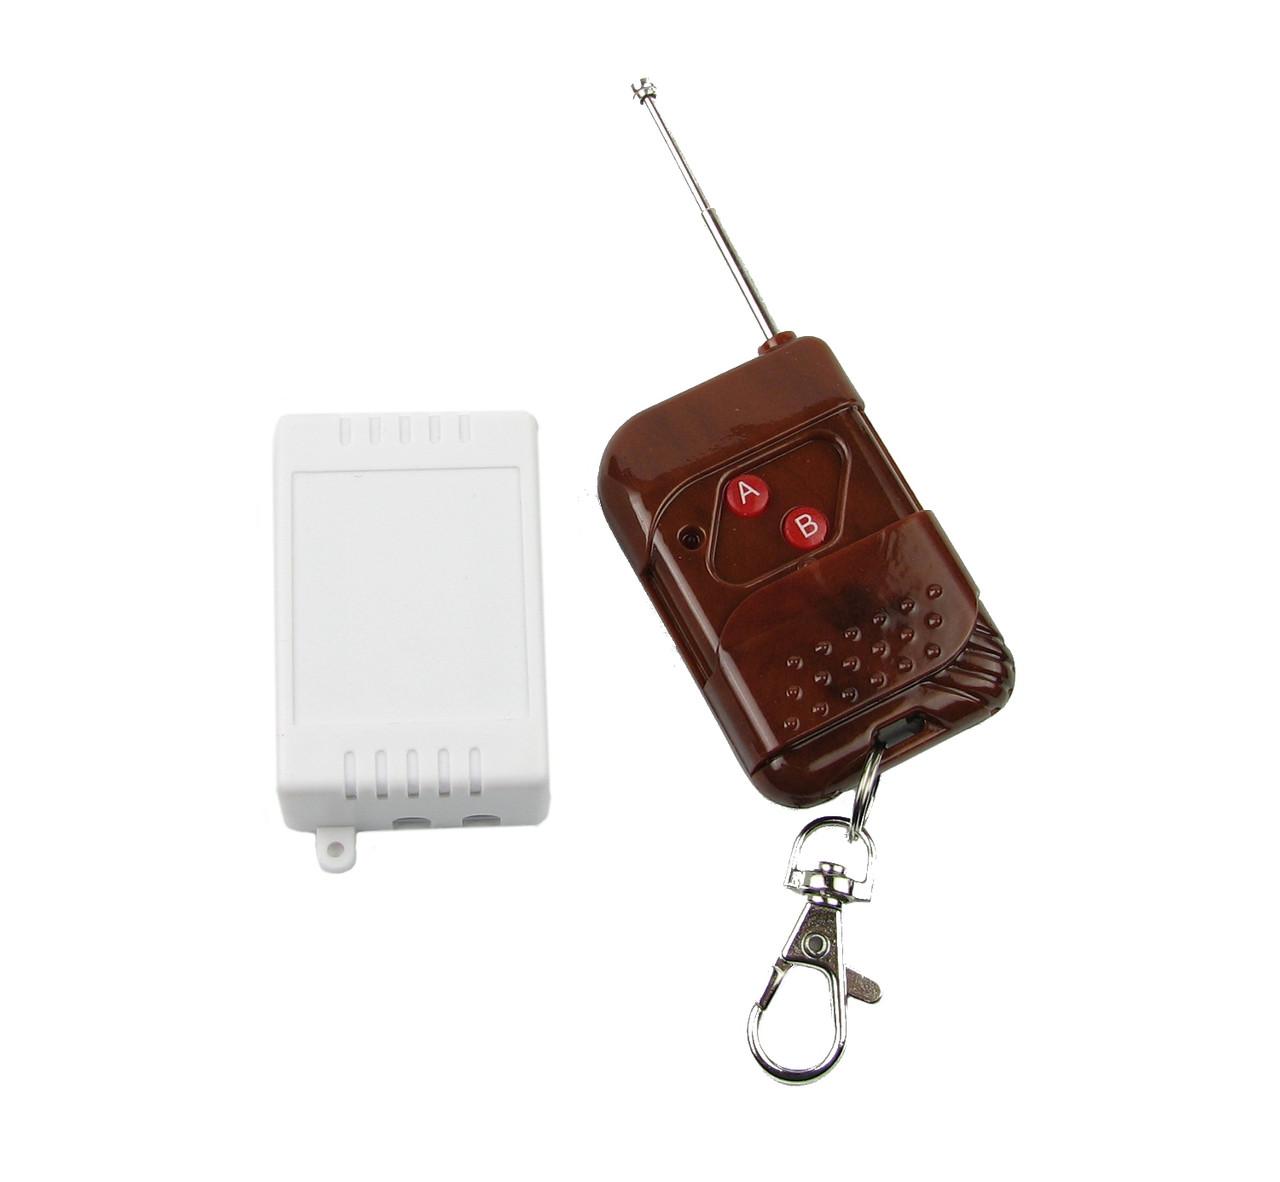 Радио Реле Беспроводное Радиореле 1 канал 315МГц кодировка PT2262 Дистанционный выключатель